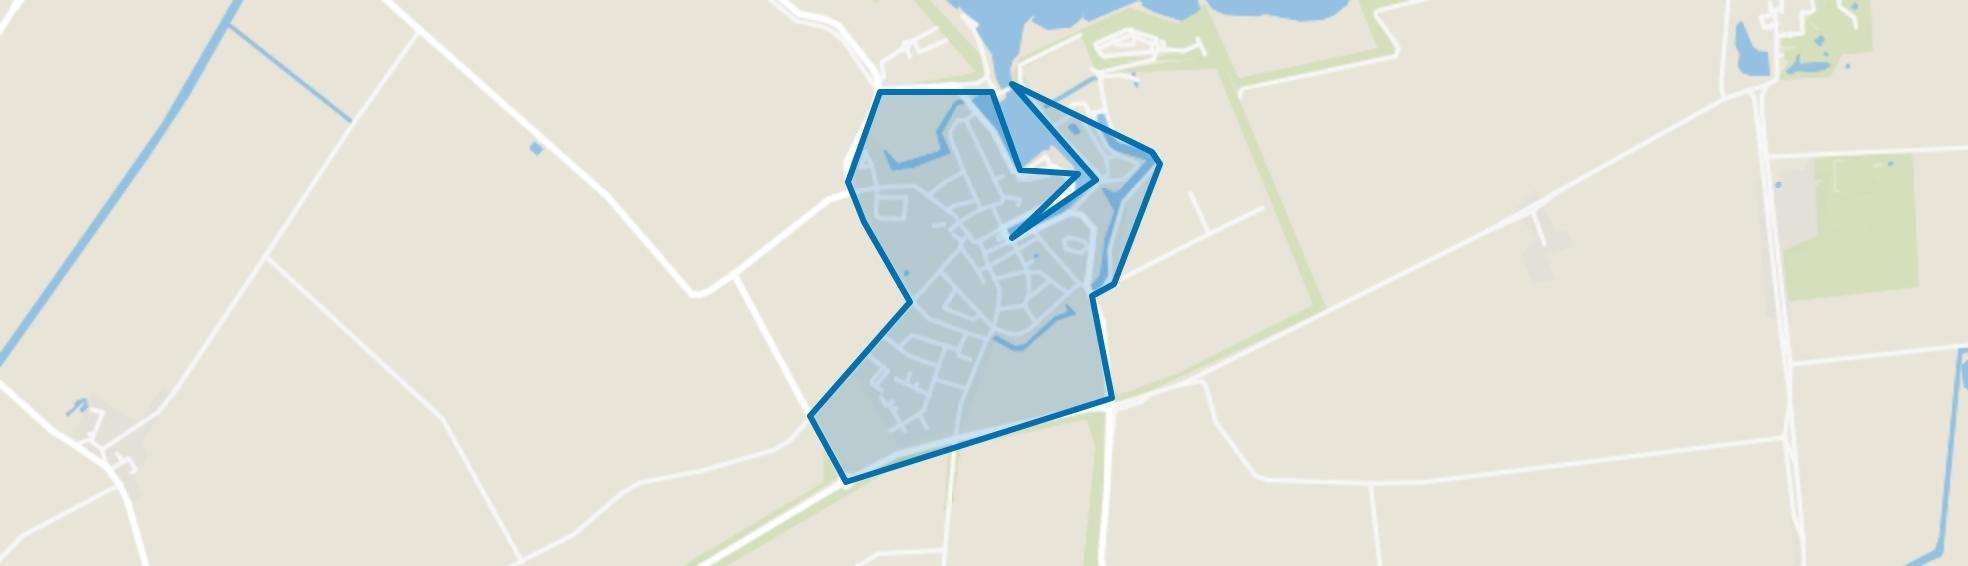 Brouwershaven, Brouwershaven map